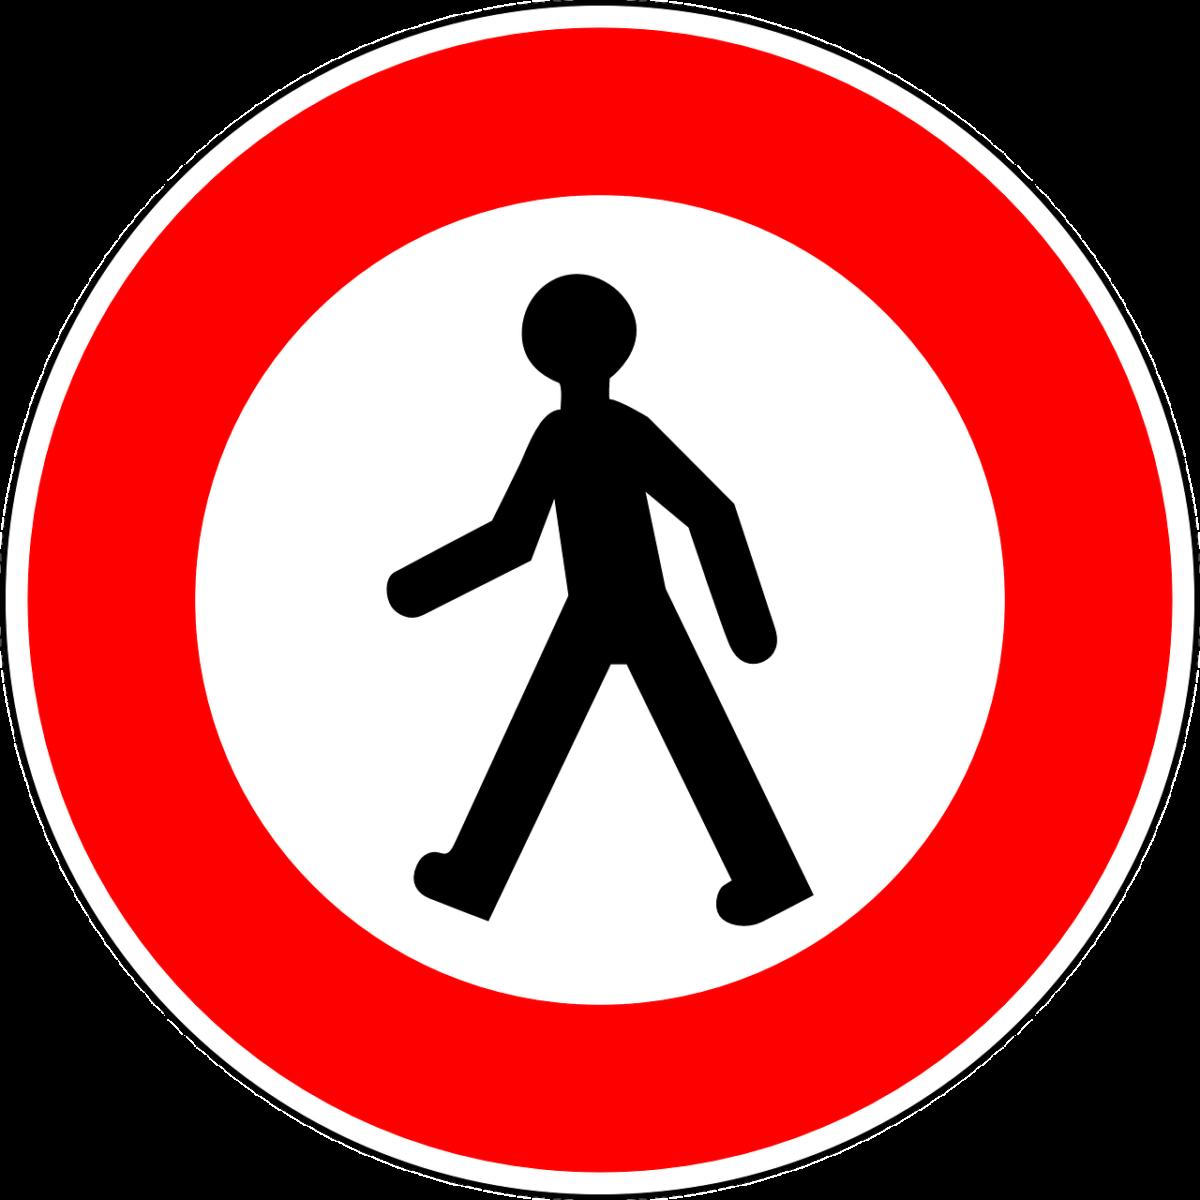 verkehrszeichen füßgänger verboten malvorlage  kostenlose